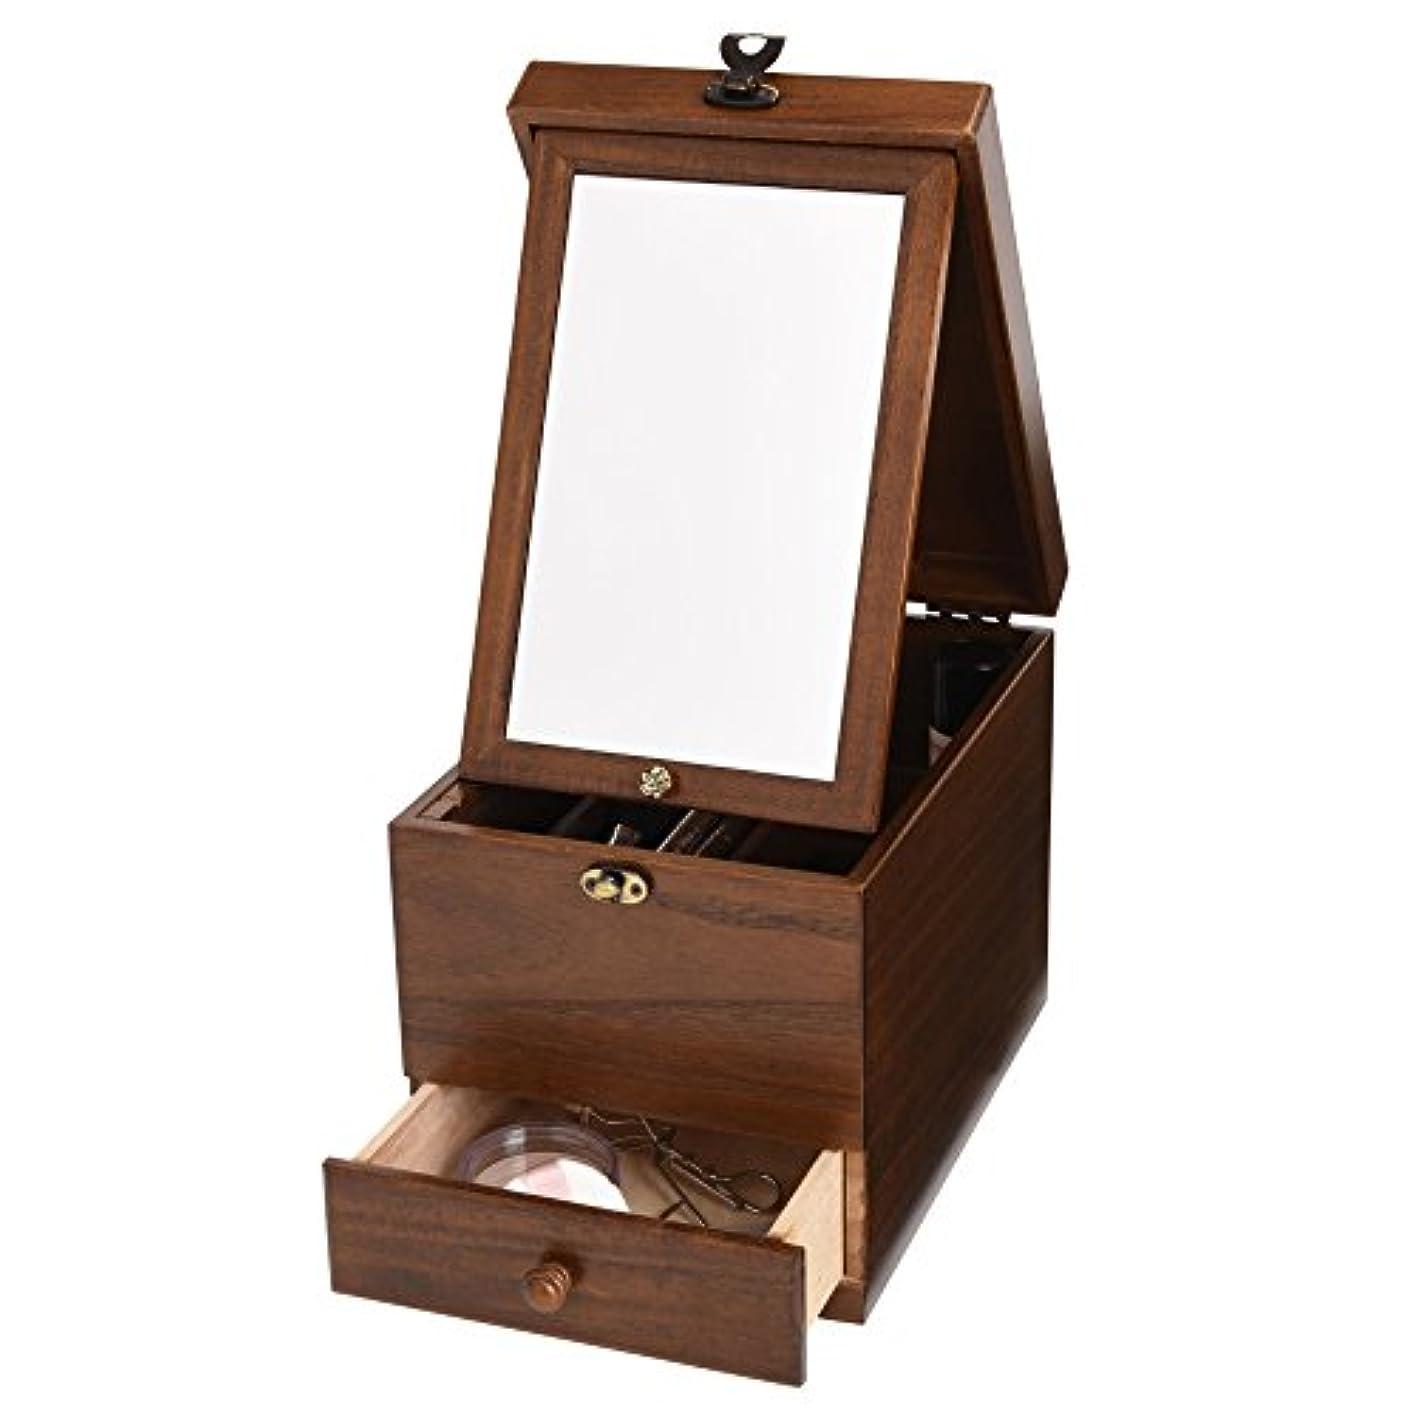 読みやすさお父さんポーク木製コスメボックス 引き出し 鏡付き 収納 メイクボックス 化粧ボックス 日本製